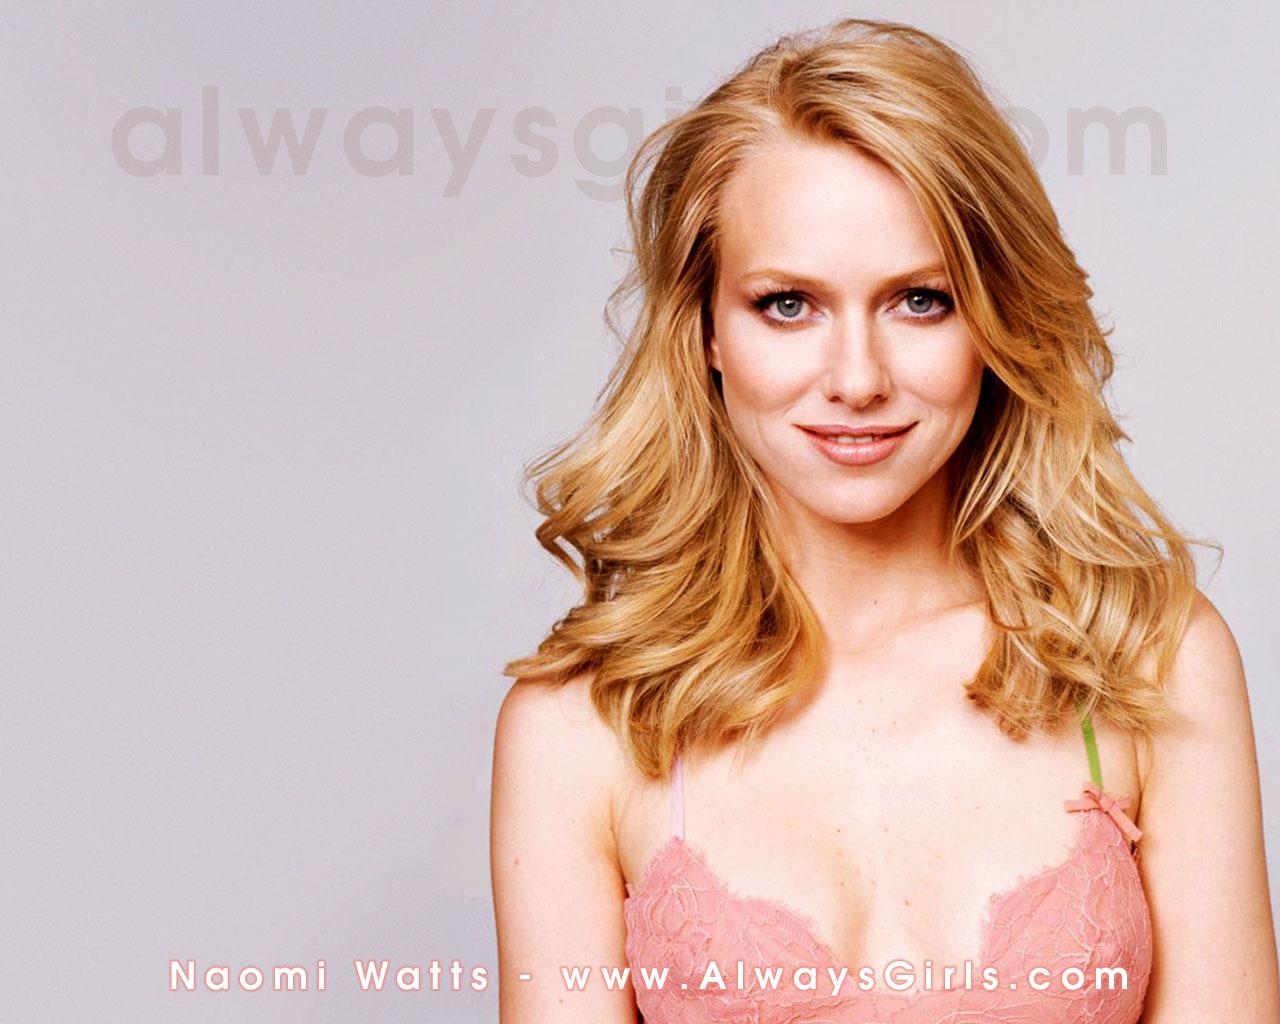 Naomi Watts - Naomi Watts Wallpaper (4809037) - Fanpop Naomi Watts